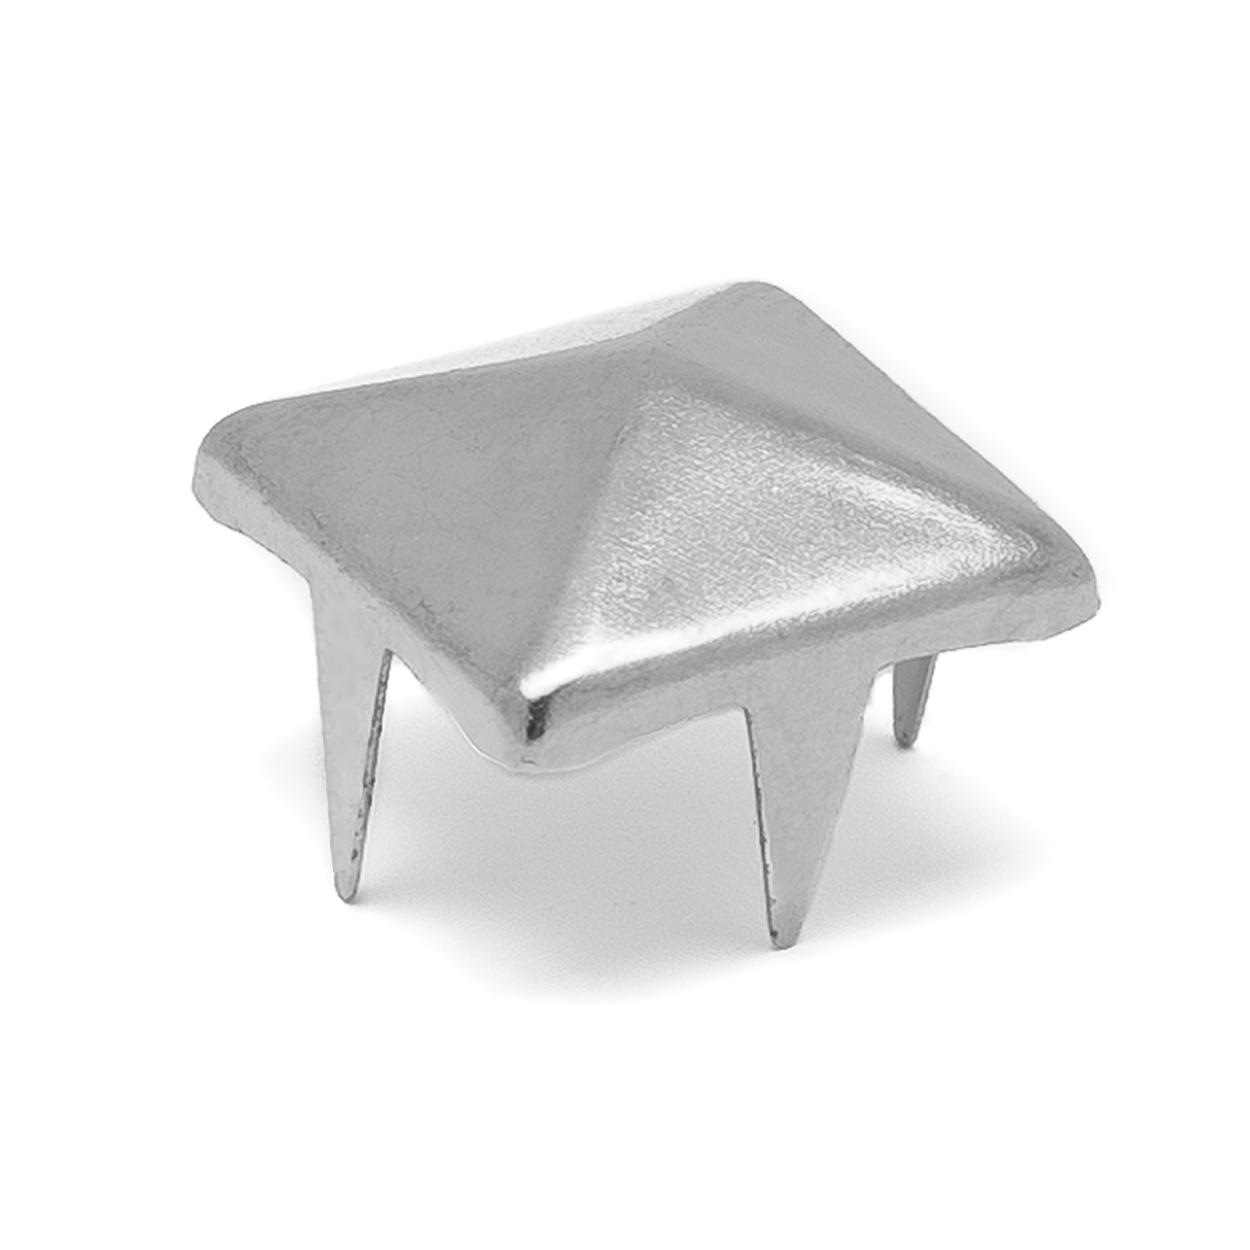 Хольнитен 11 мм x 11 мм (никель)